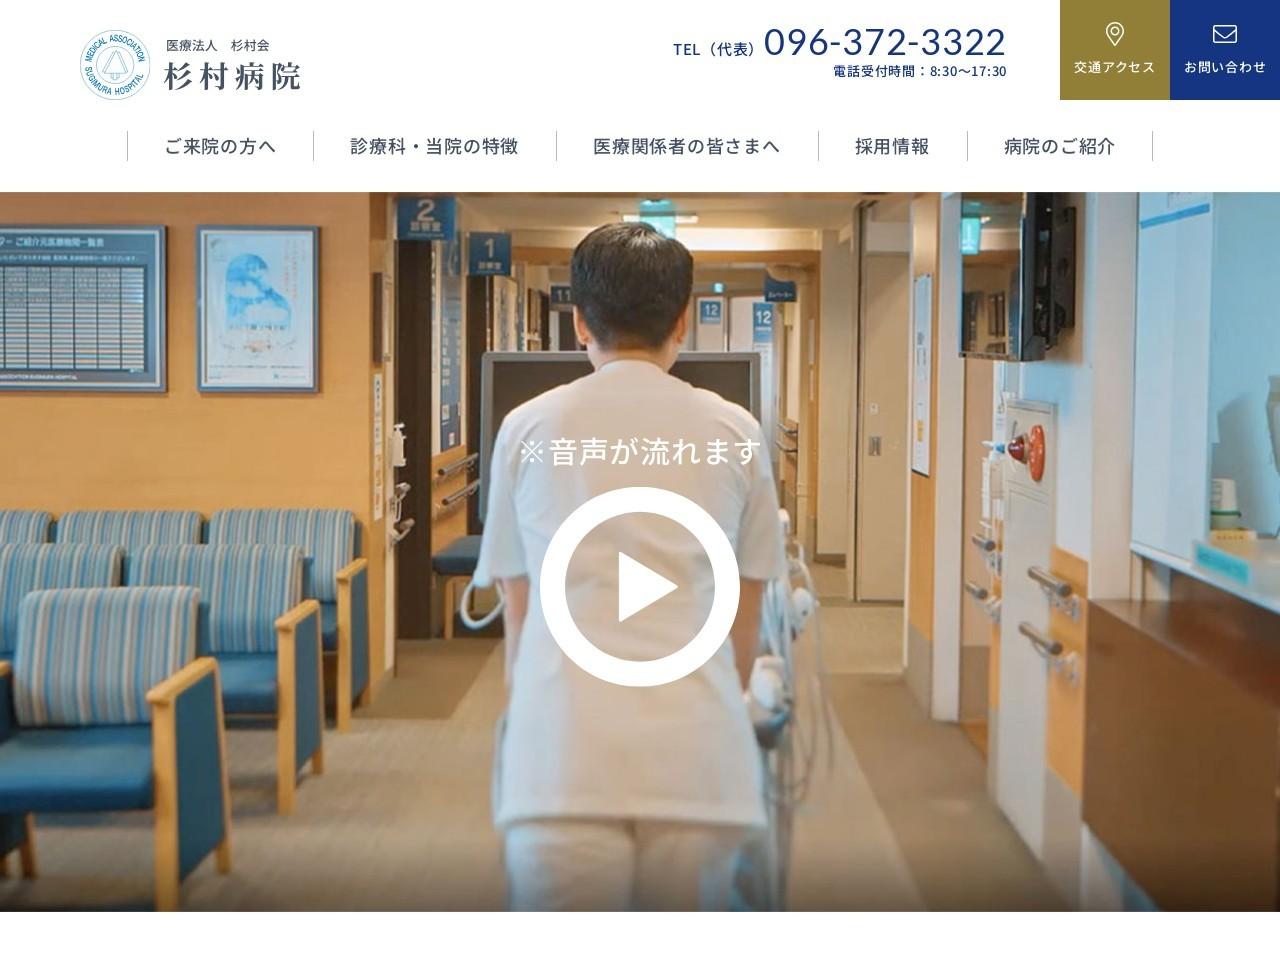 医療法人 杉村会(熊本)